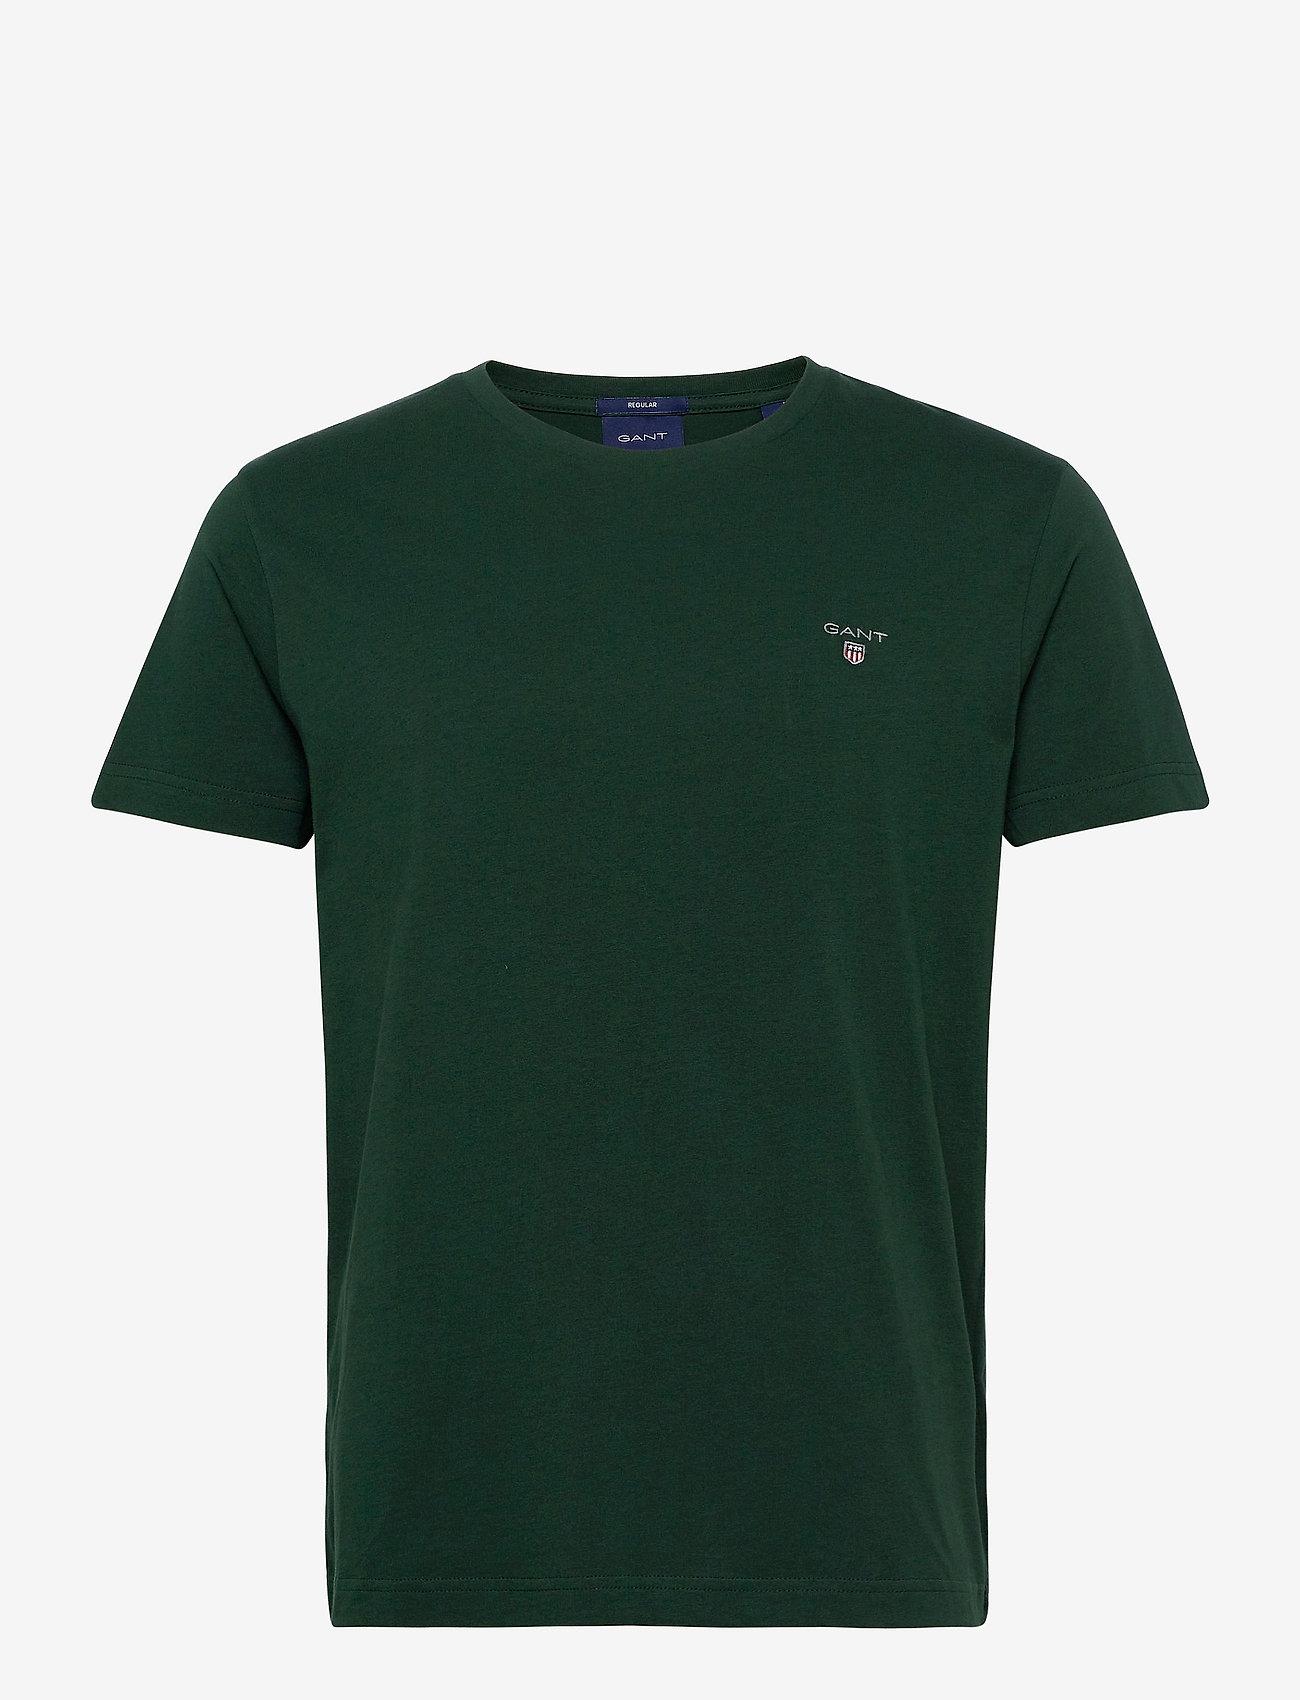 GANT - ORIGINAL SS T-SHIRT - short-sleeved t-shirts - tartan green - 0